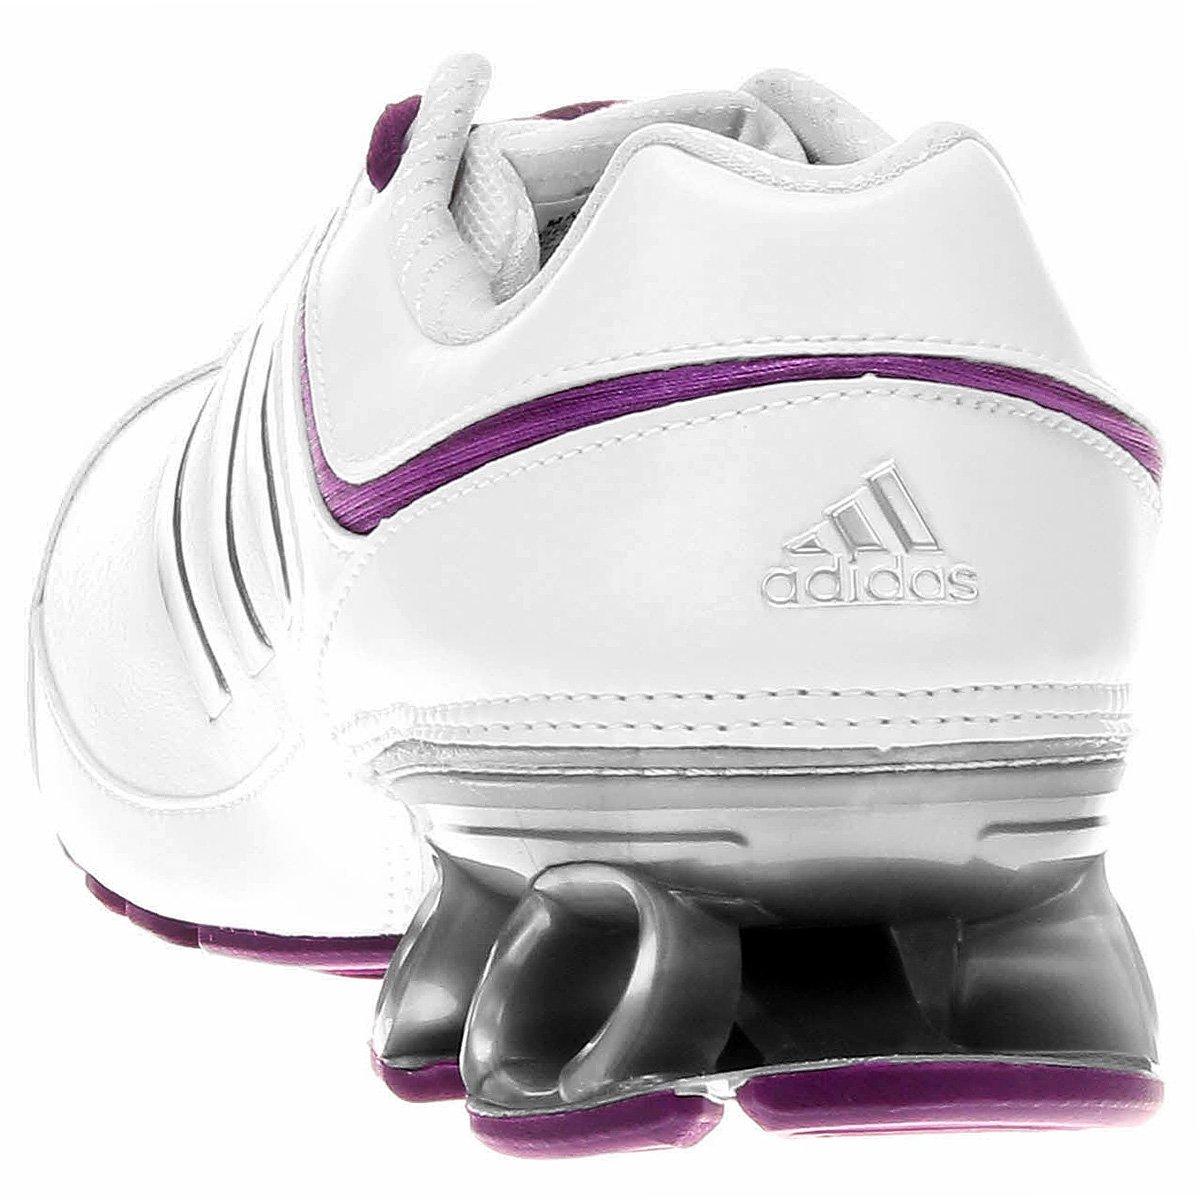 8e5901d7e1 Tênis Adidas Neptune Syn - Compre Agora